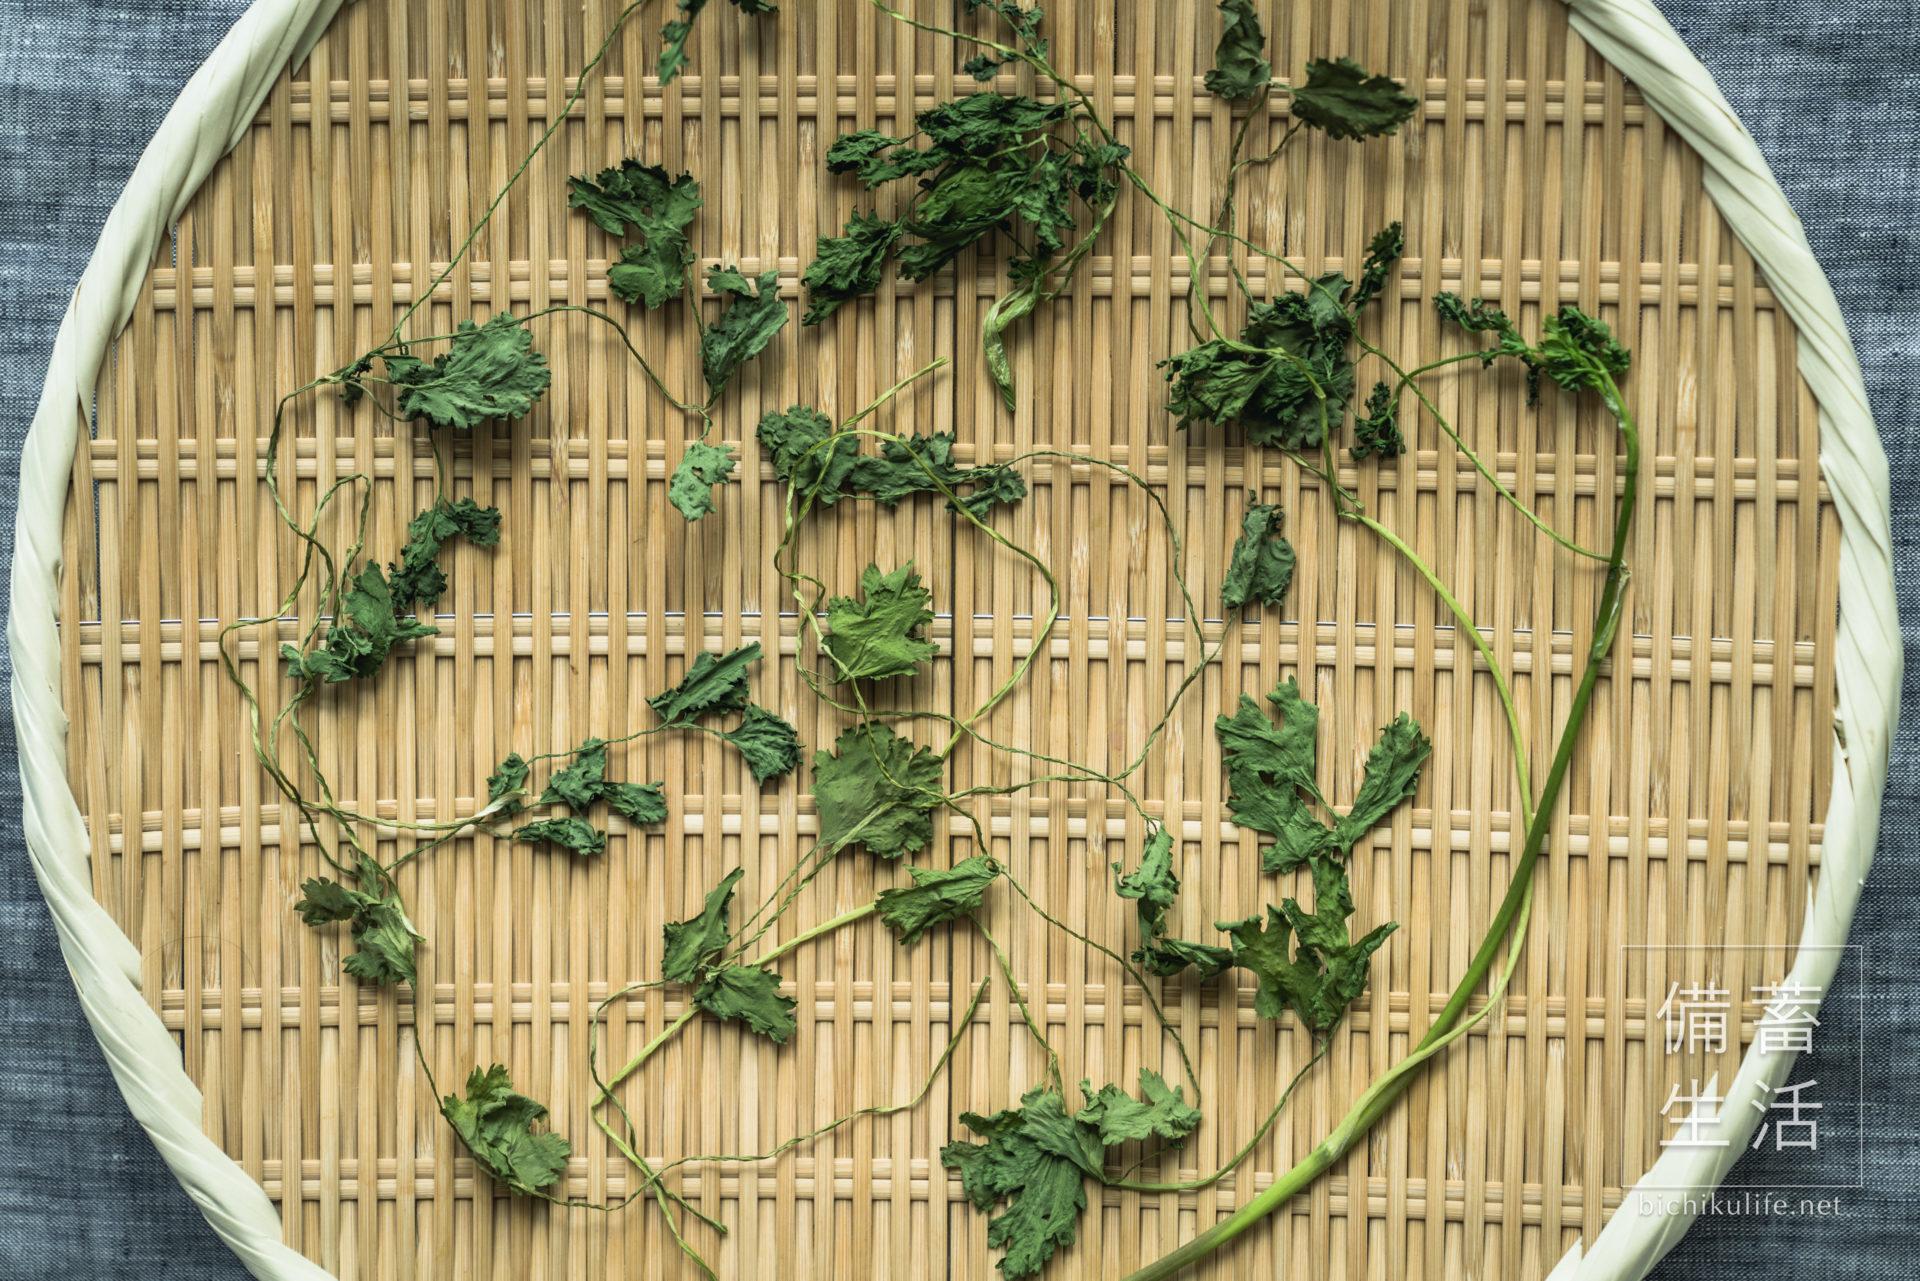 コリアンダー 干し野菜づくり|干しパクチーの作り方